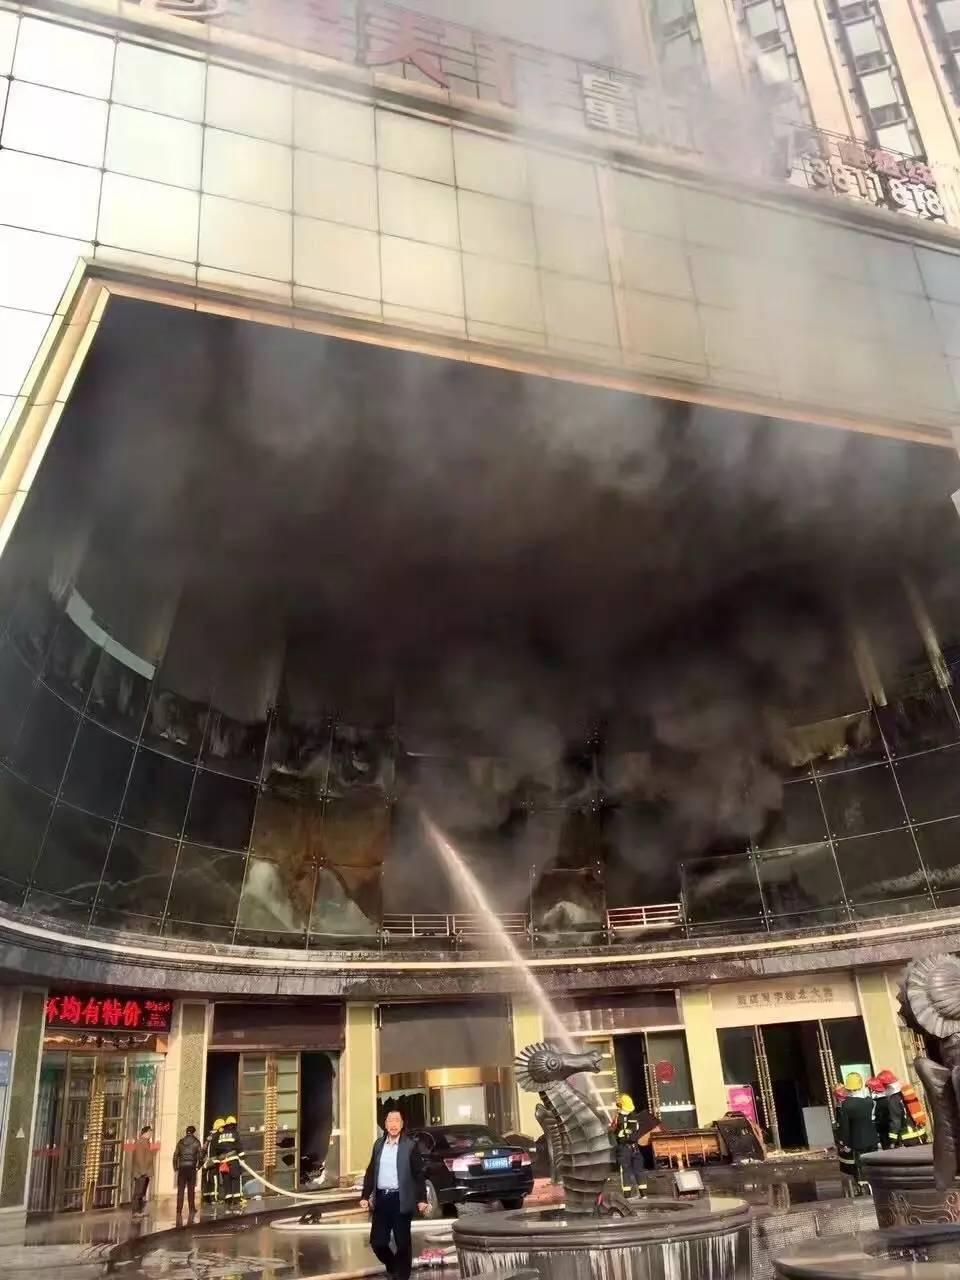 南昌星级酒店火灾致10人死亡 初步调查已出